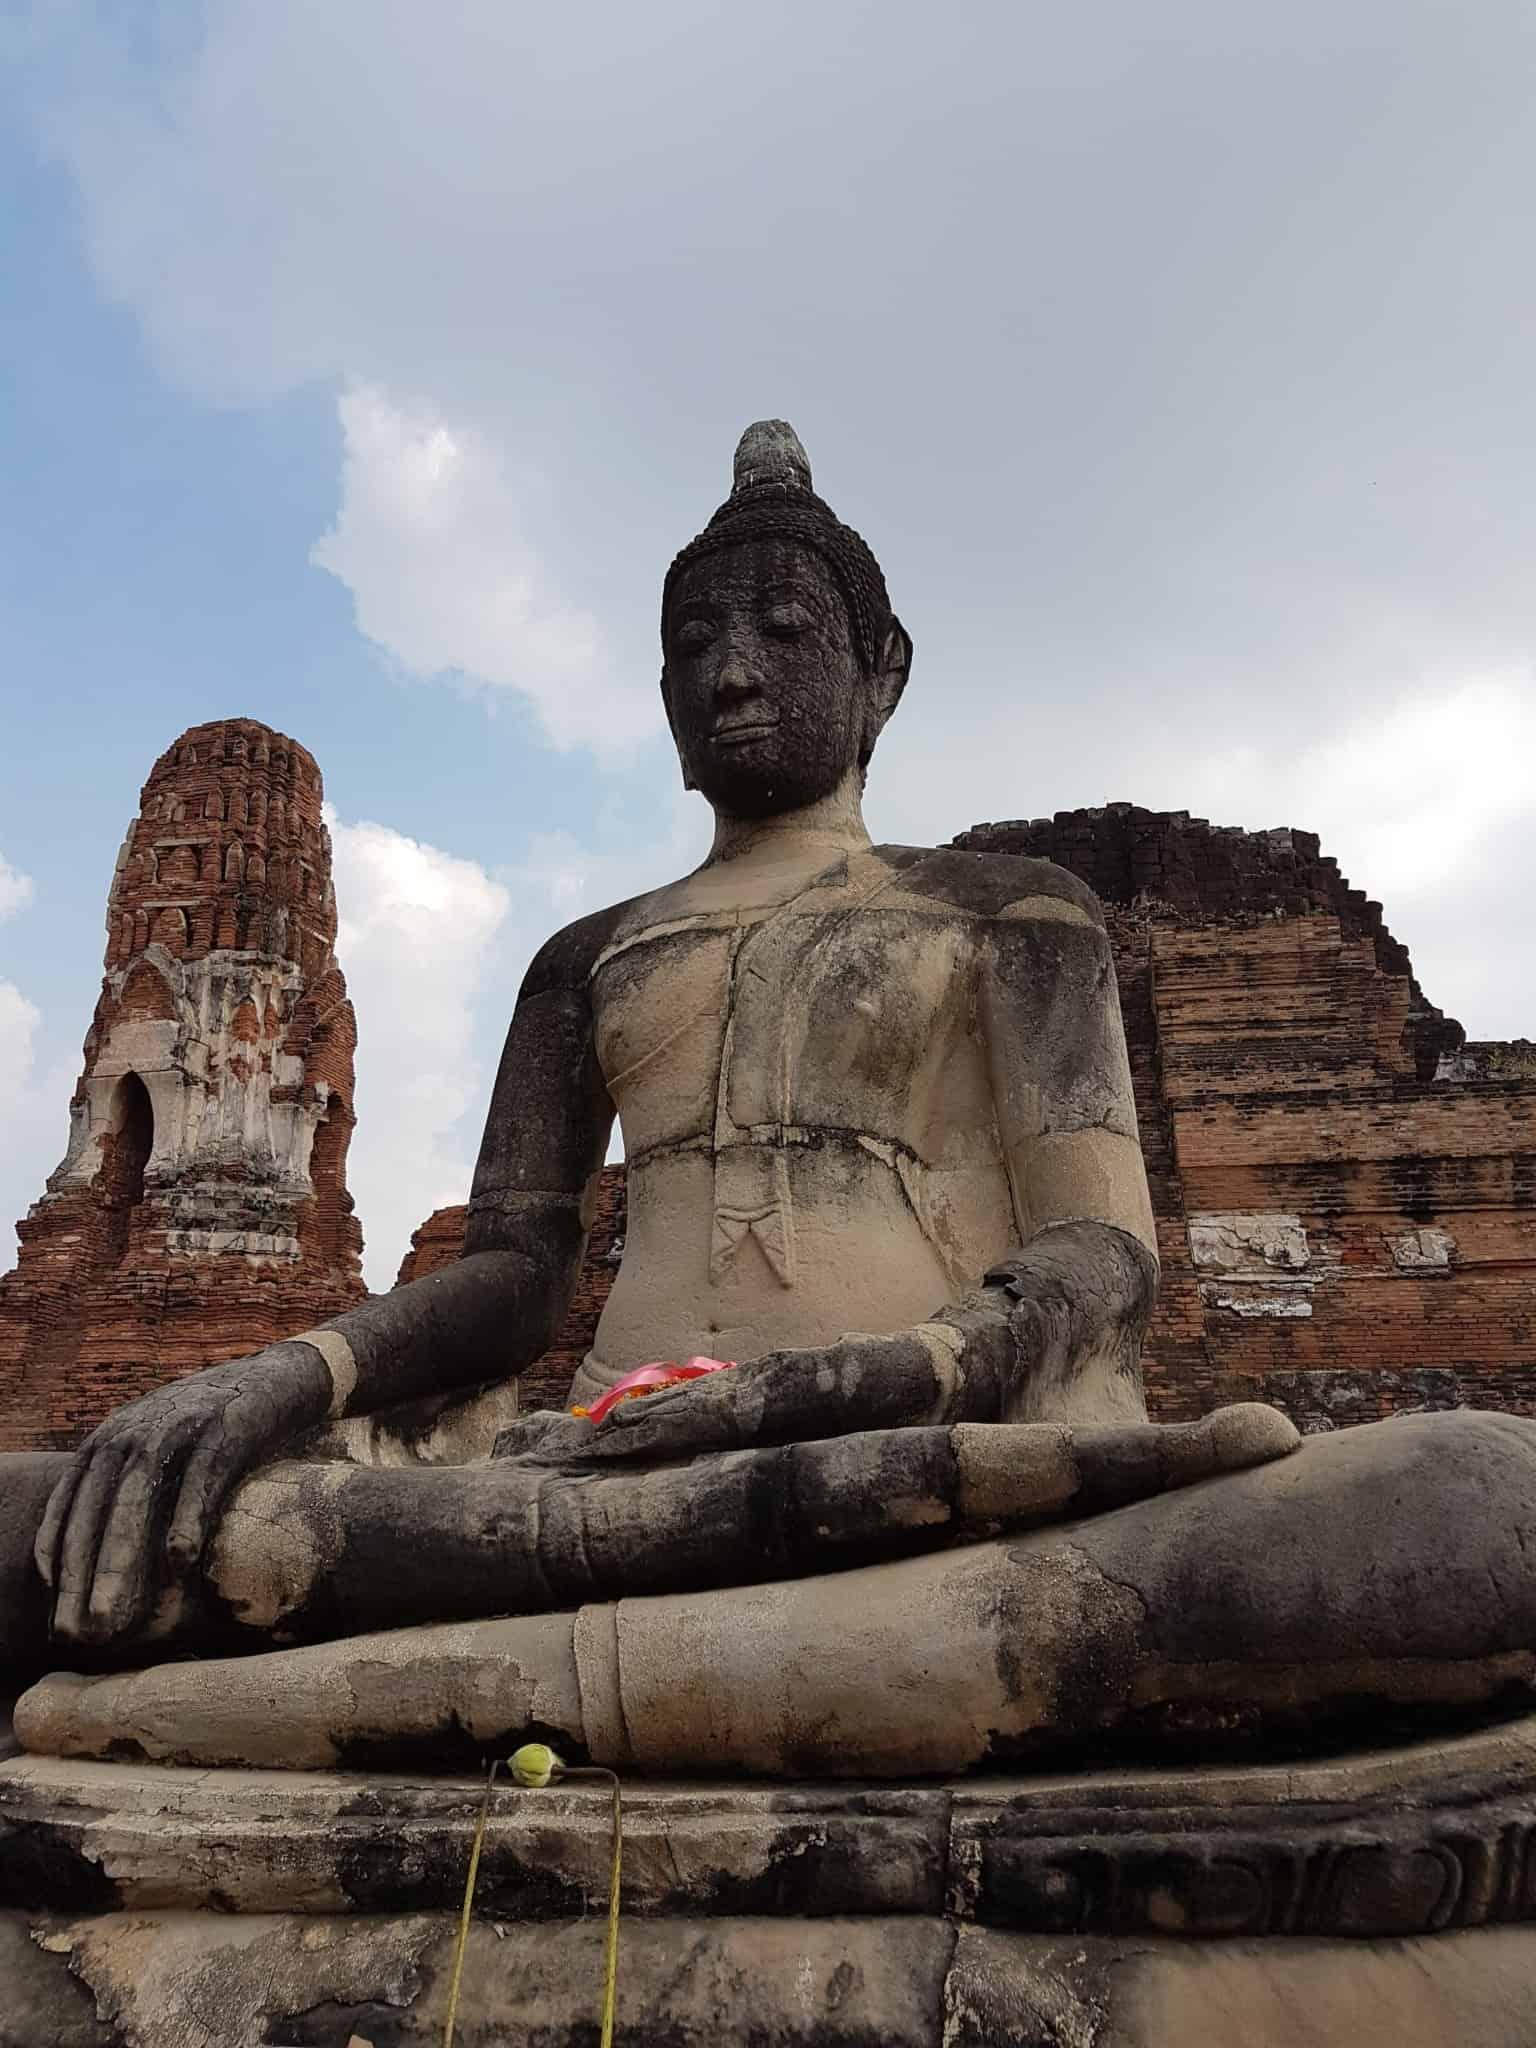 Thaïlande, visite d'Ayutthaya et de ses temples 🌞 7